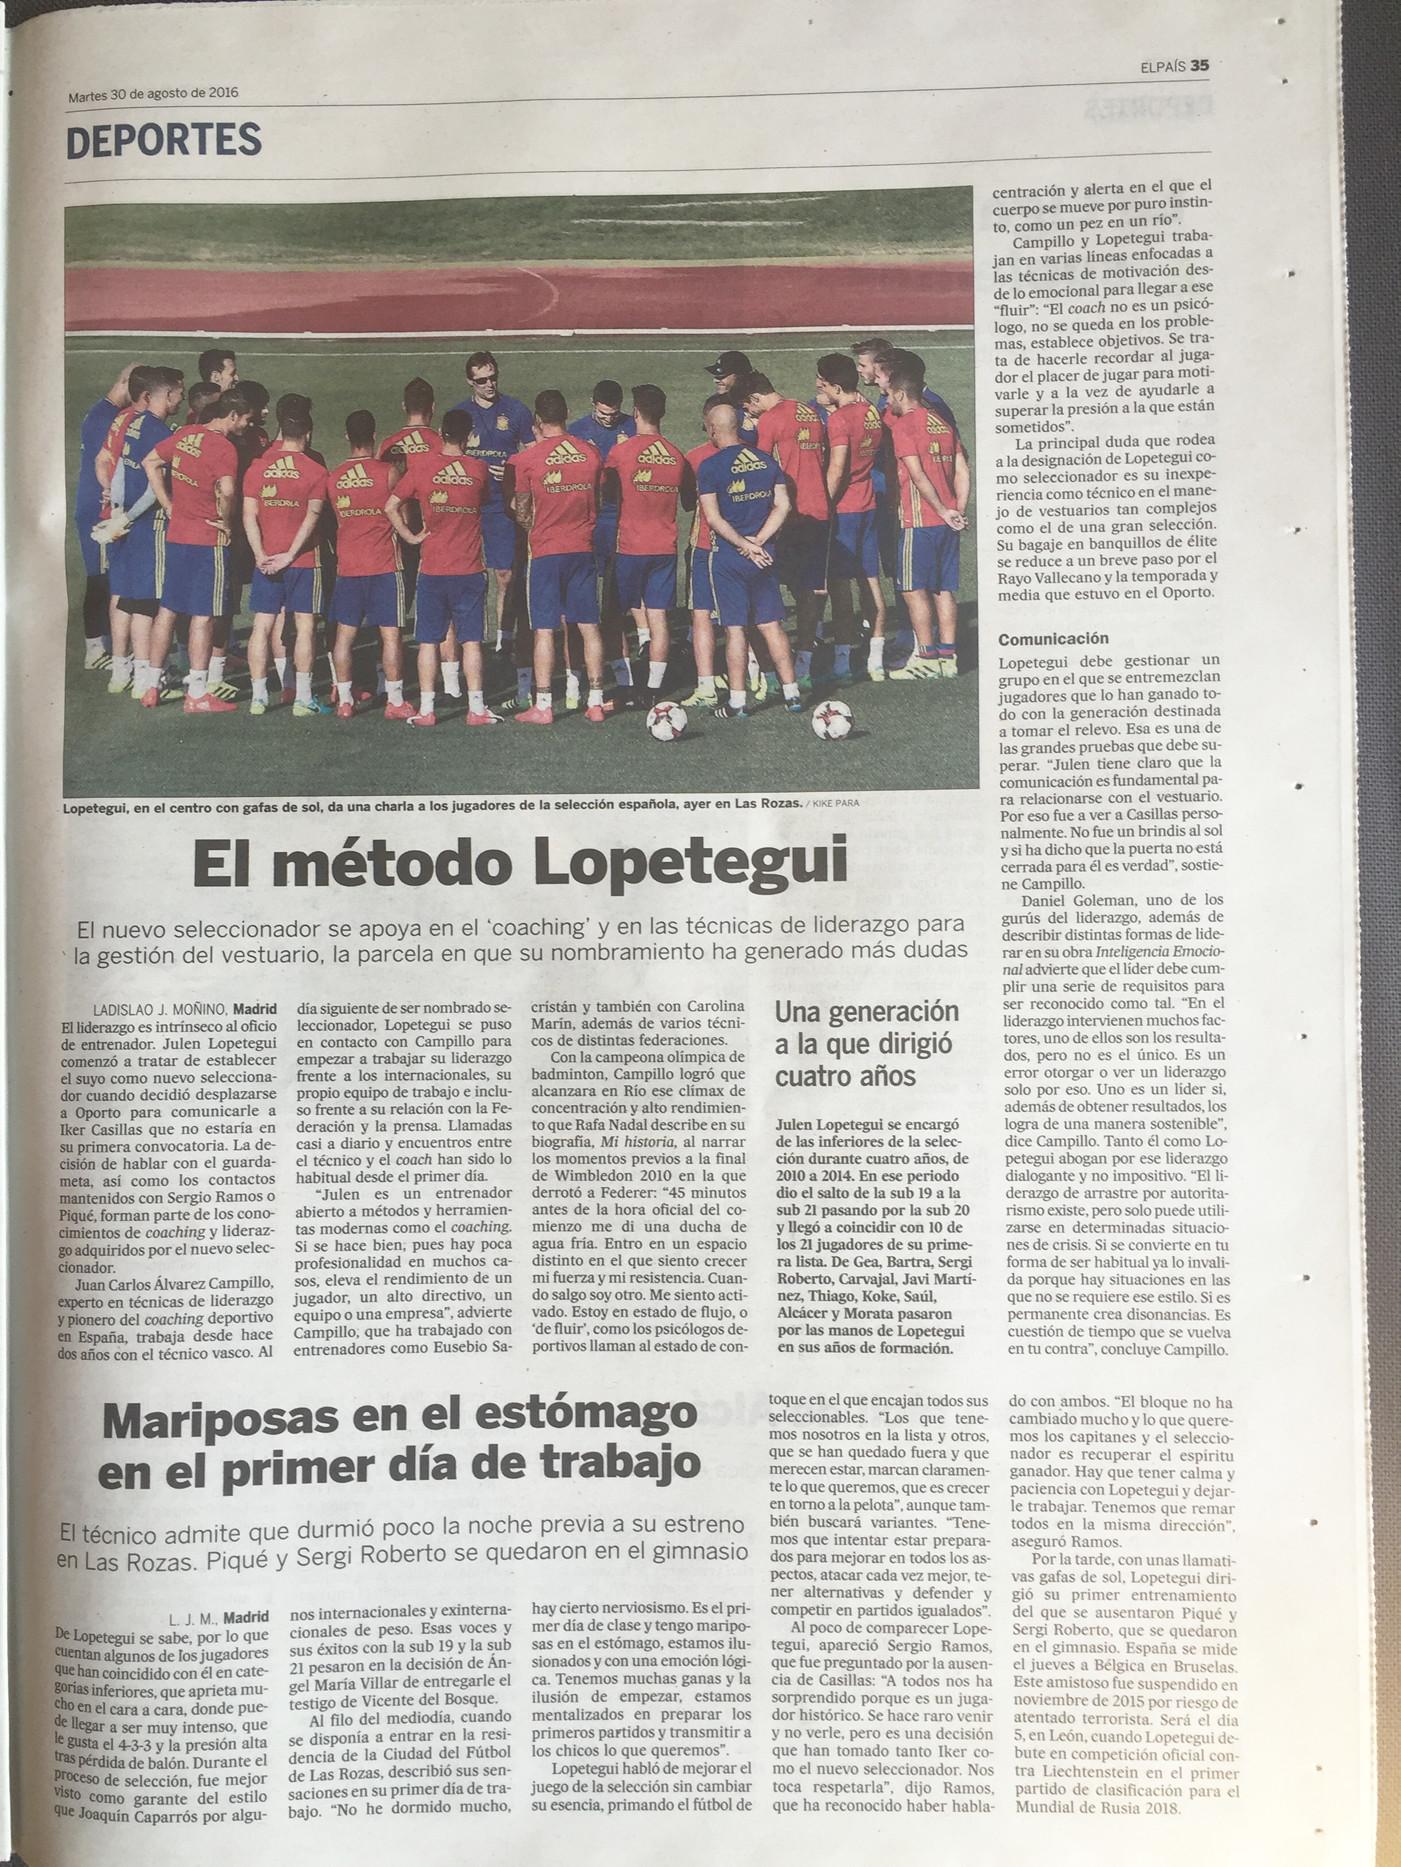 El método Lopetegui - Coach Seleccionador